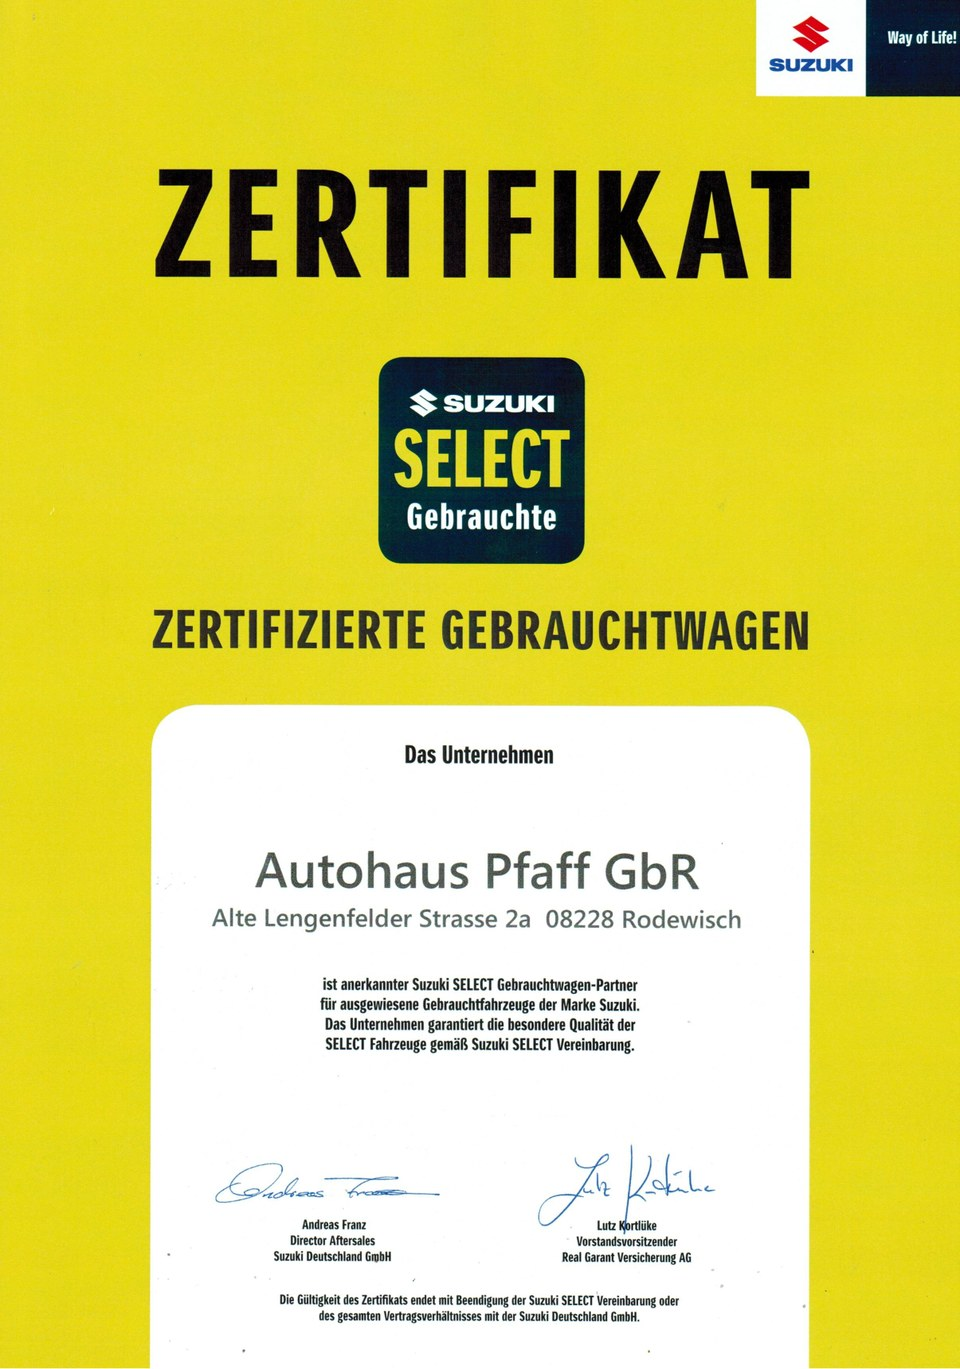 Zertifizierte Gebrauchtwagen